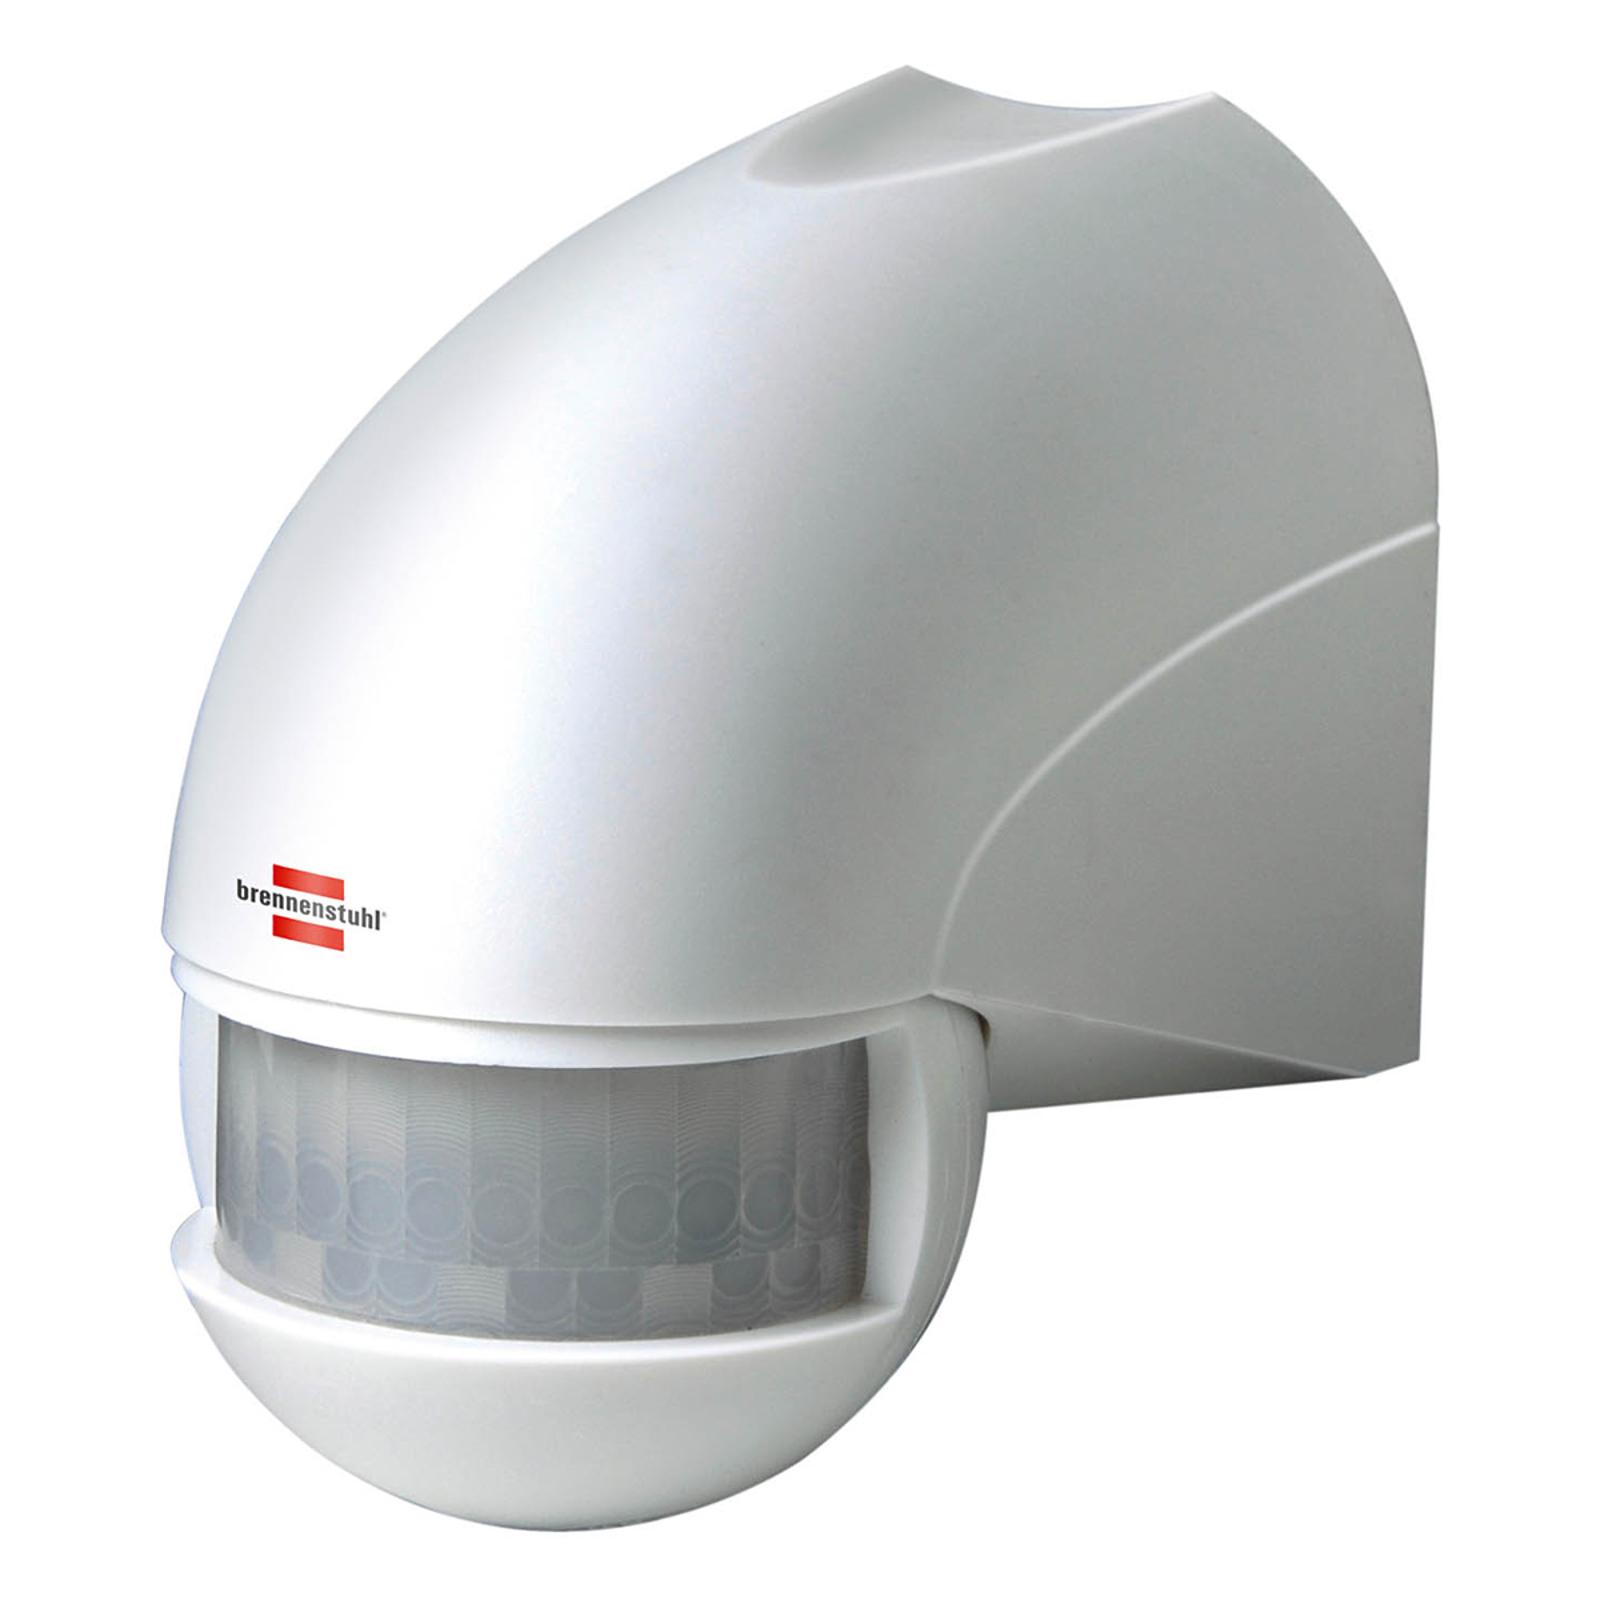 Infračervený detektor pohybu PIR 180 IP44_1540114_1